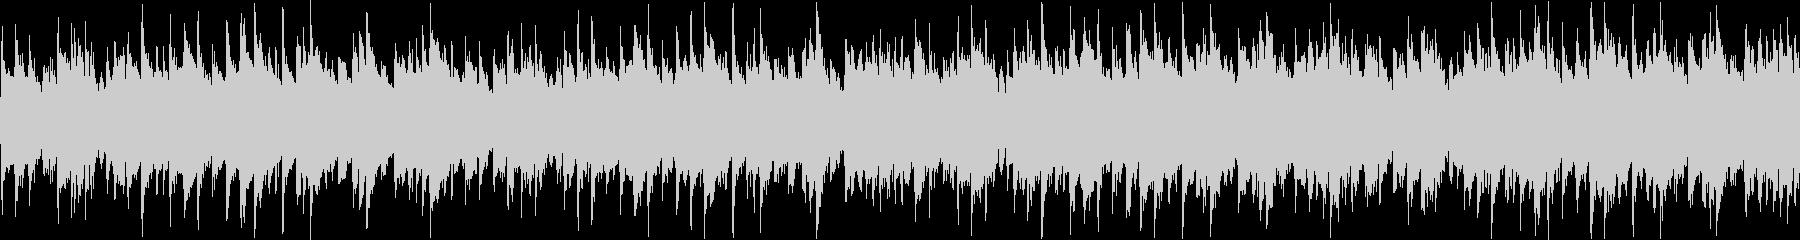 温かい雰囲気のバラードBGM(ループ)の未再生の波形